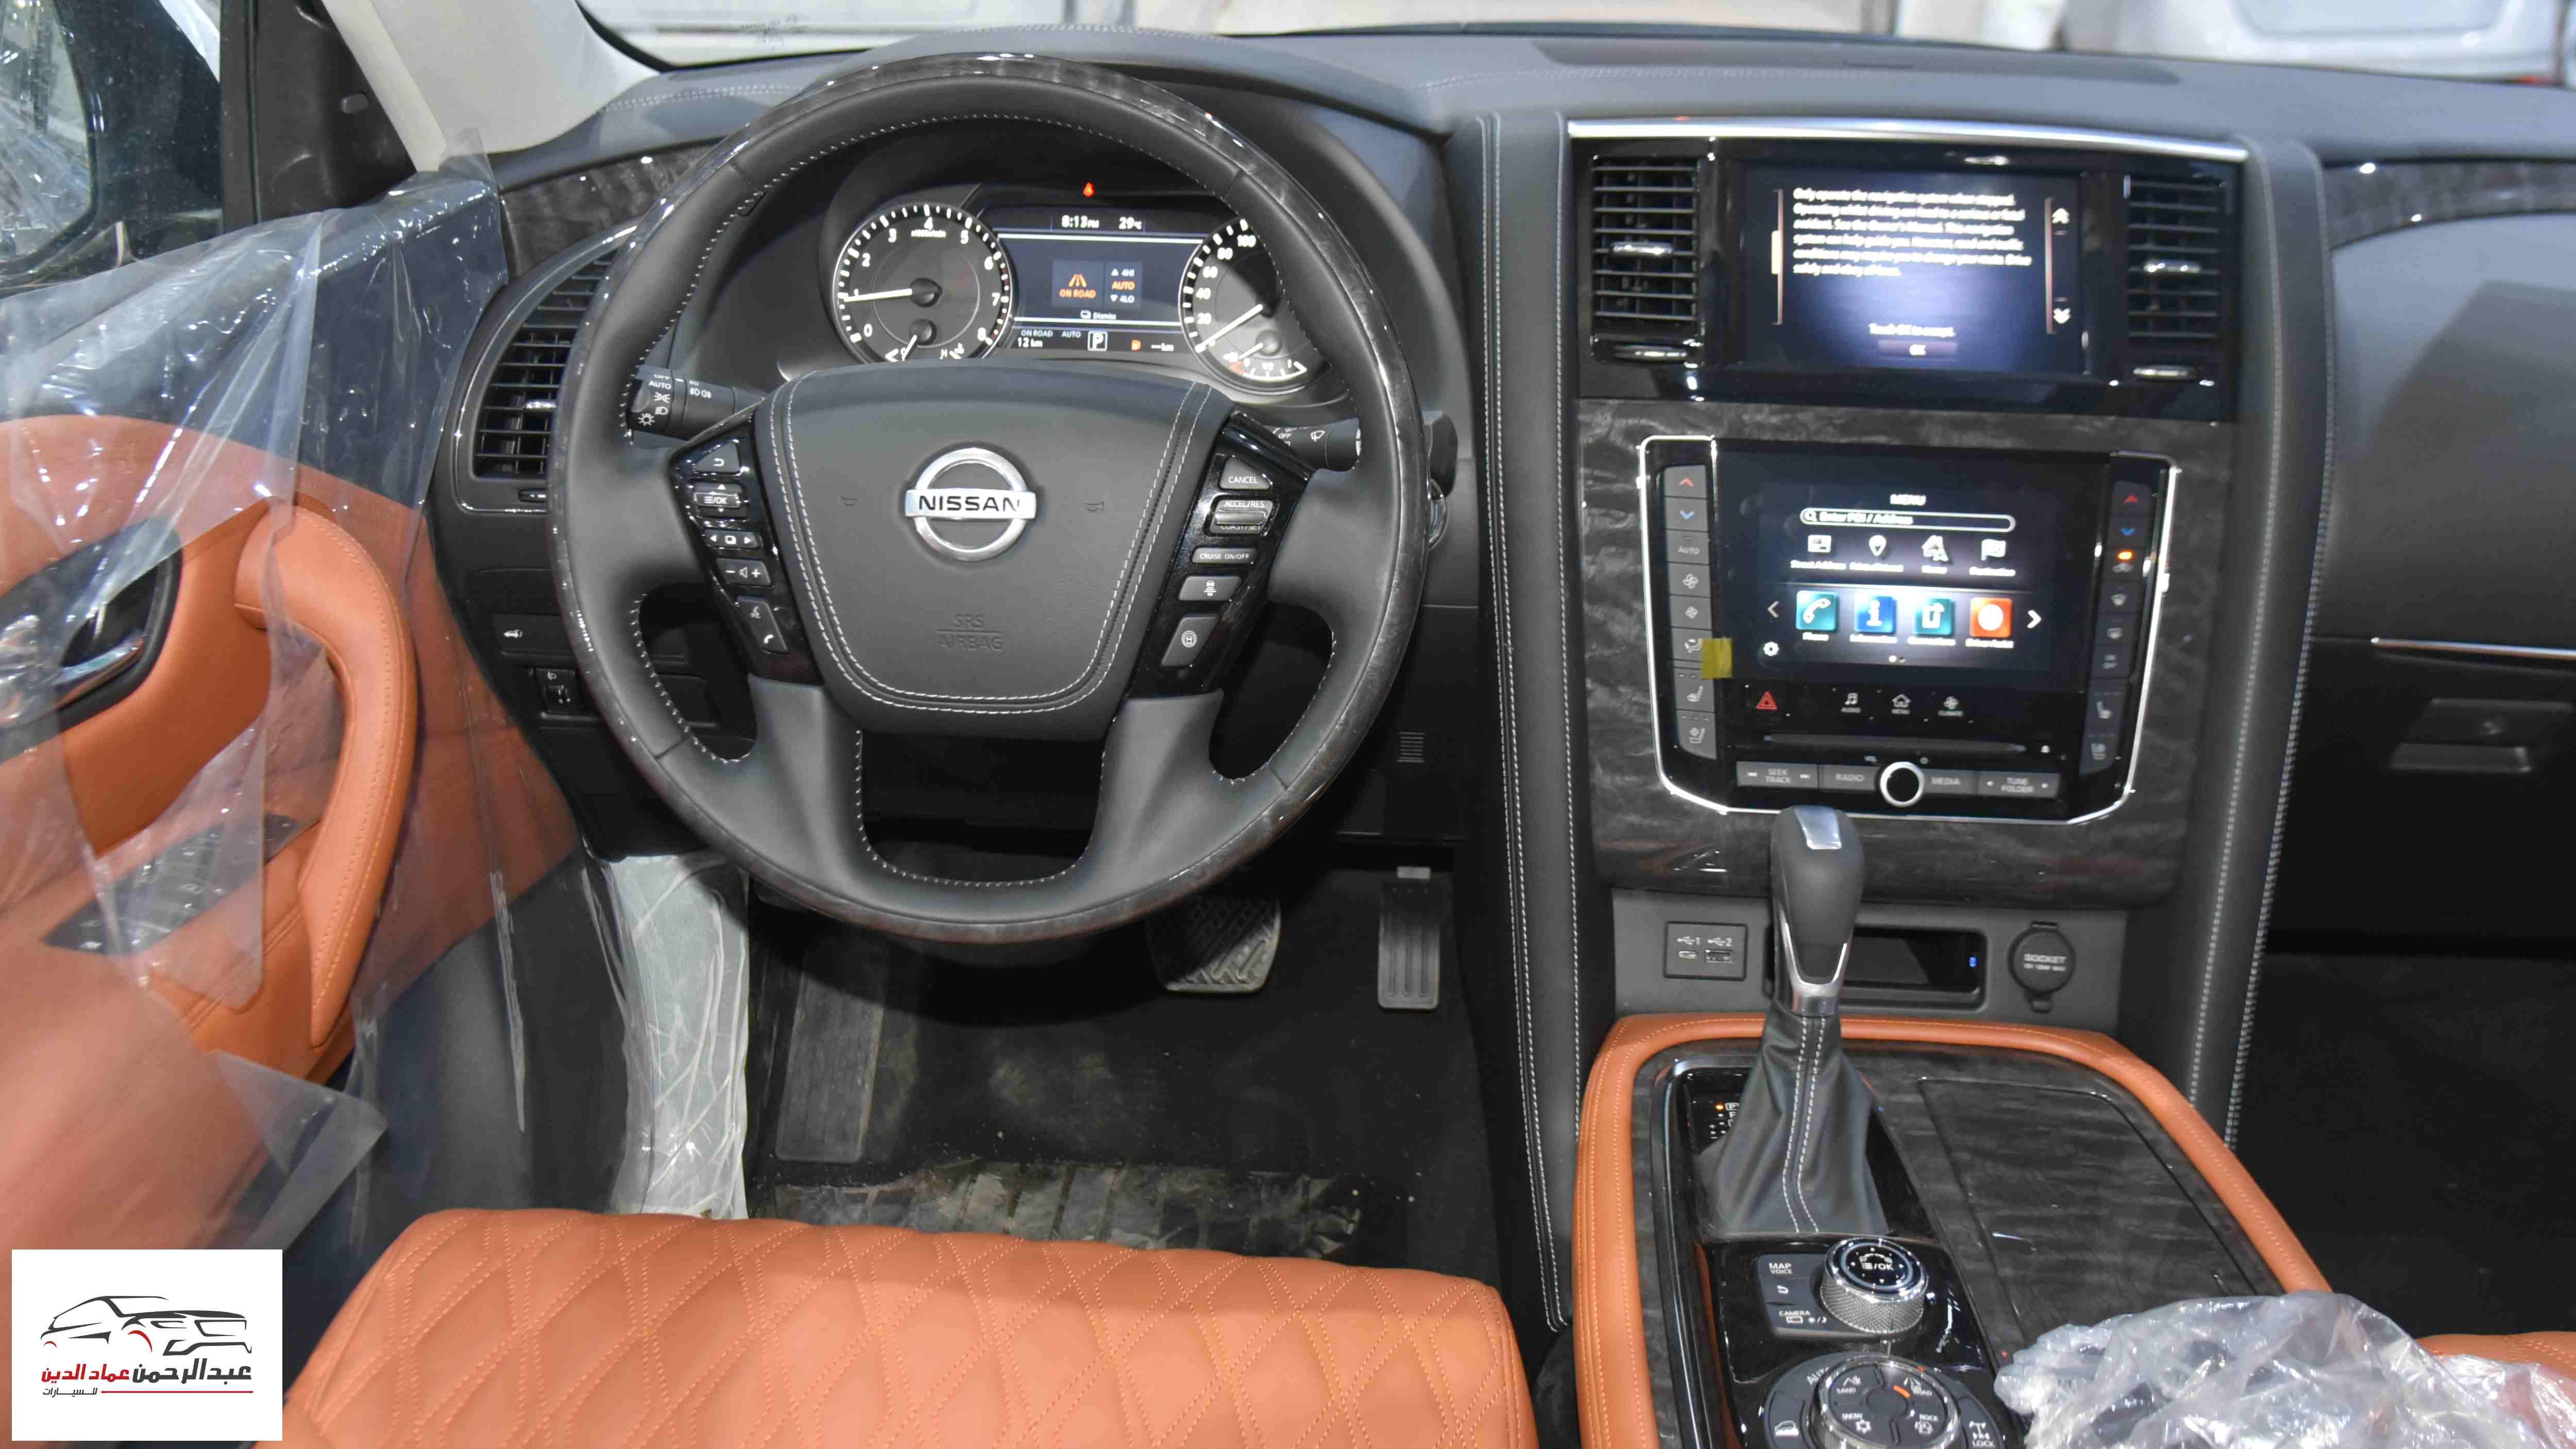 نيسان باترول 2021 V6  بلاتينيوم  SE  سعودي جديد  للبيع في الرياض - السعودية - صورة كبيرة - 8